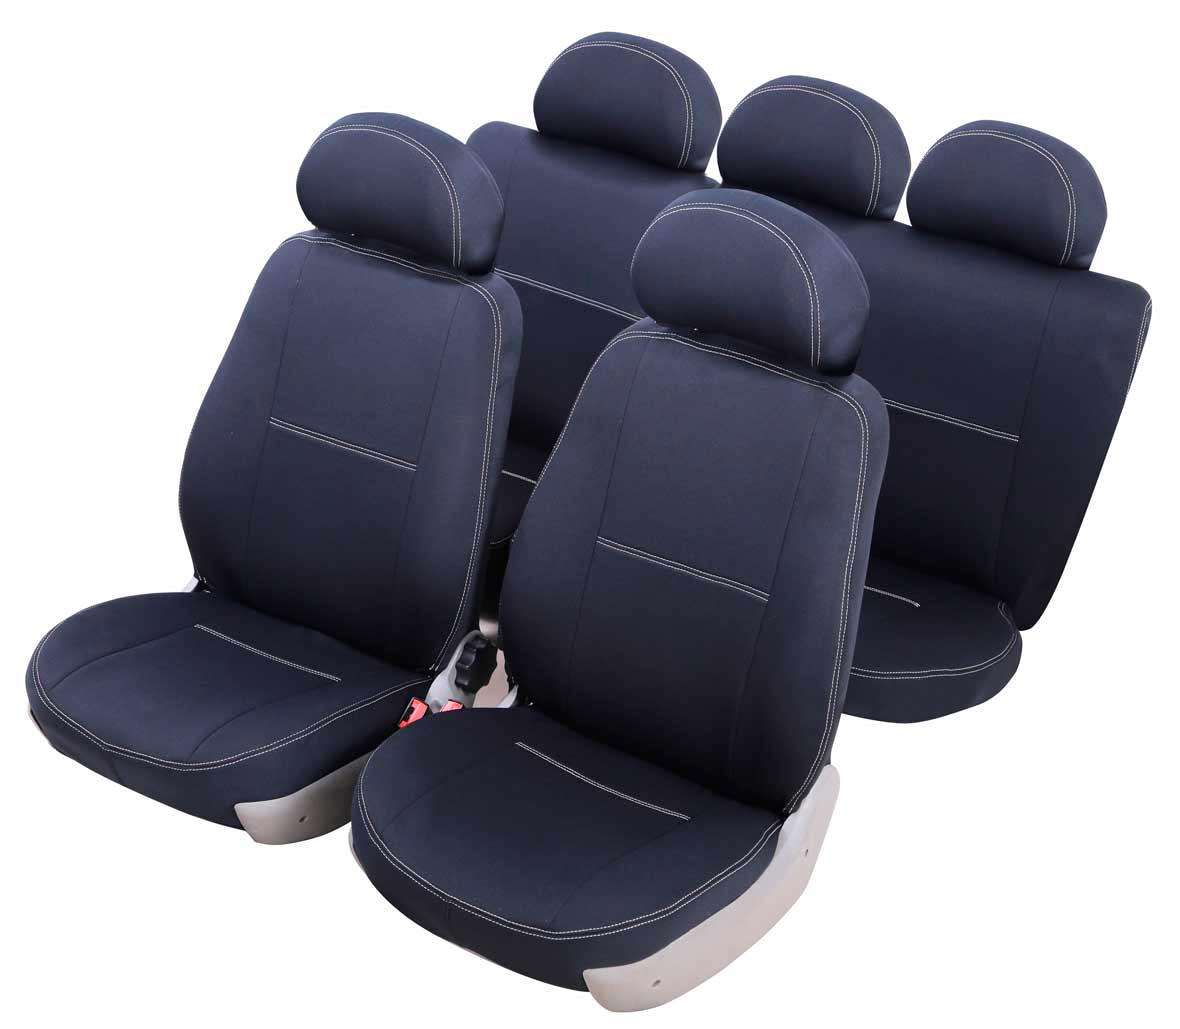 Чехлы на автокресло Azard Standard, для Hyundai Accent (2000-2012 гг), седан, цвет: черныйA4010141Модельные чехлы из полиэстера Azard Standard. Разработаны в РФ индивидуально для каждого автомобиля. Чехлы Azard Standard серийно выпускаются на собственном швейном производстве в России. Чехлы идеально повторяют штатную форму сидений и выглядят как оригинальная обивка сидений. Для простоты установки используется липучка Velcro, учтены все технологические отверстия. Чехлы сохраняют полную функциональность салона – трасформация сидений, возможность установки детских кресел ISOFIX, не препятствуют работе подушек безопасности AIRBAG и подогрева сидений. Дизайн чехлов Azard Standard приближен к оригинальной обивке салона. Декоративная контрастная прострочка по периметру авточехлов придает стильный и изысканный внешний вид интерьеру автомобиля. Чехлы Azard Standard изготовлены из полиэстера, триплированного огнеупорным поролоном толщиной 3 мм, за счет чего чехол приобретает дополнительную мягкость. Подложка из спандбонда сохраняет свойства поролона и предотвращает его разрушение....